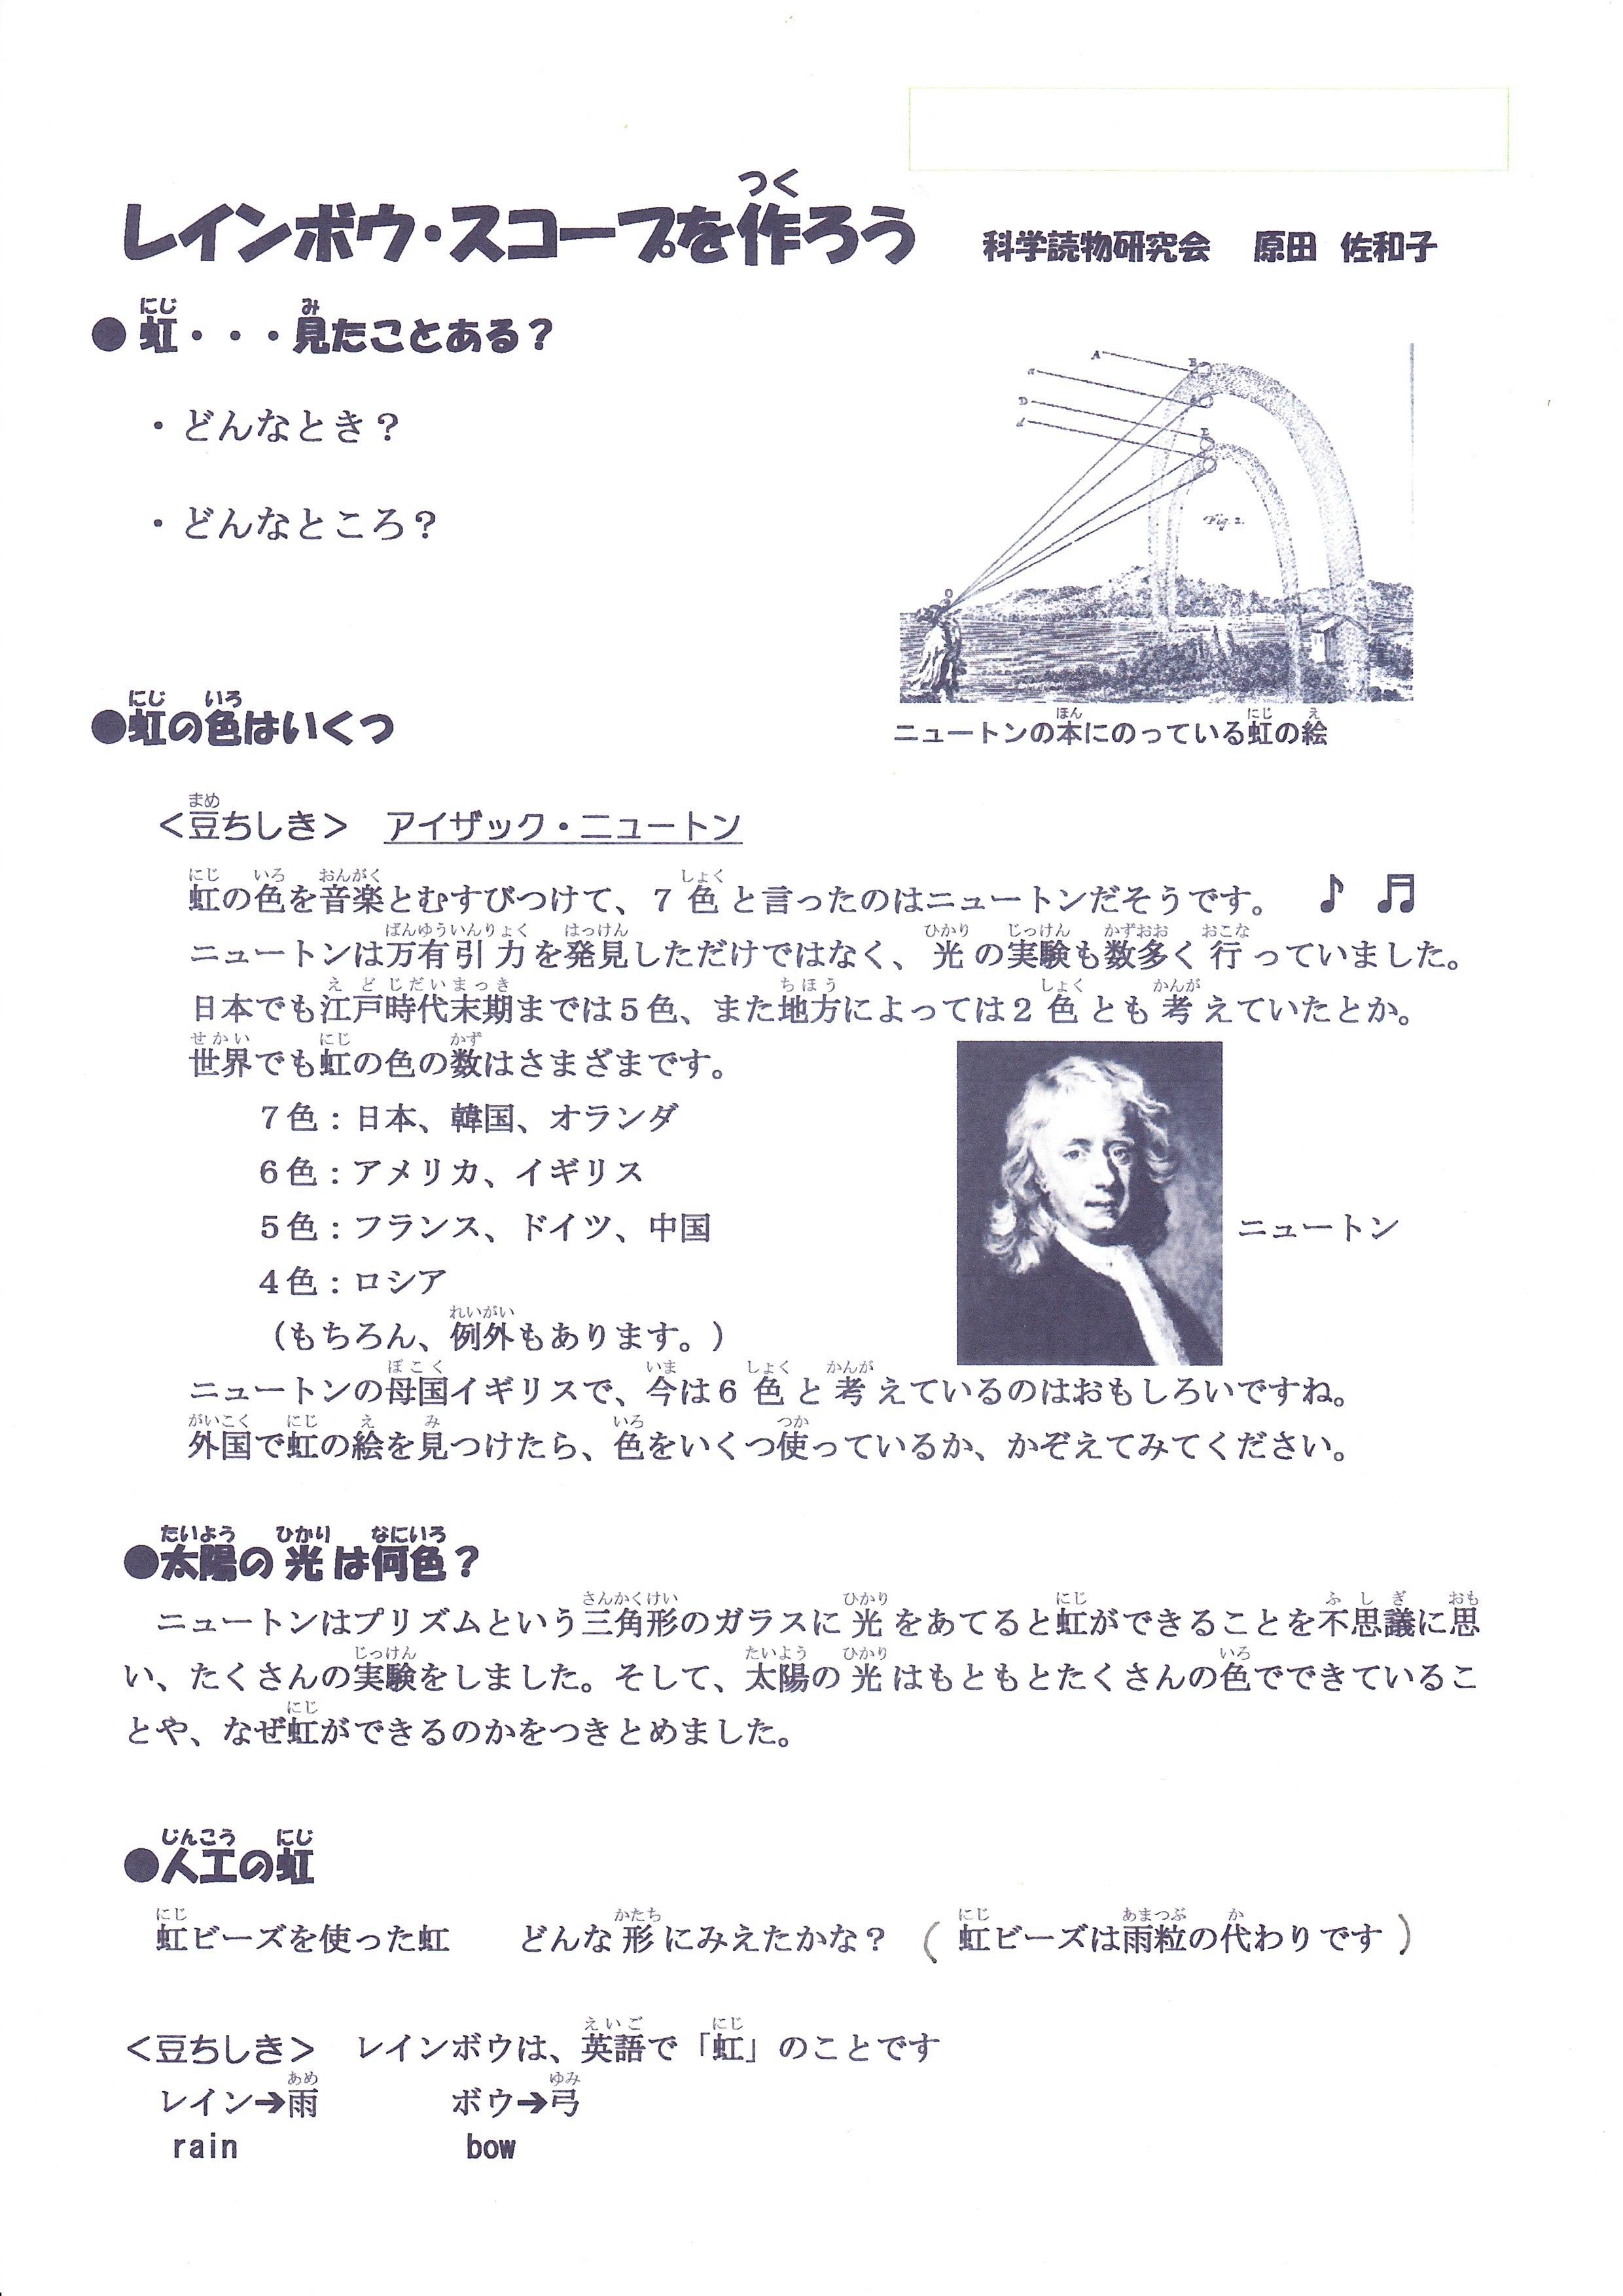 レインボウスコープ_190718_01